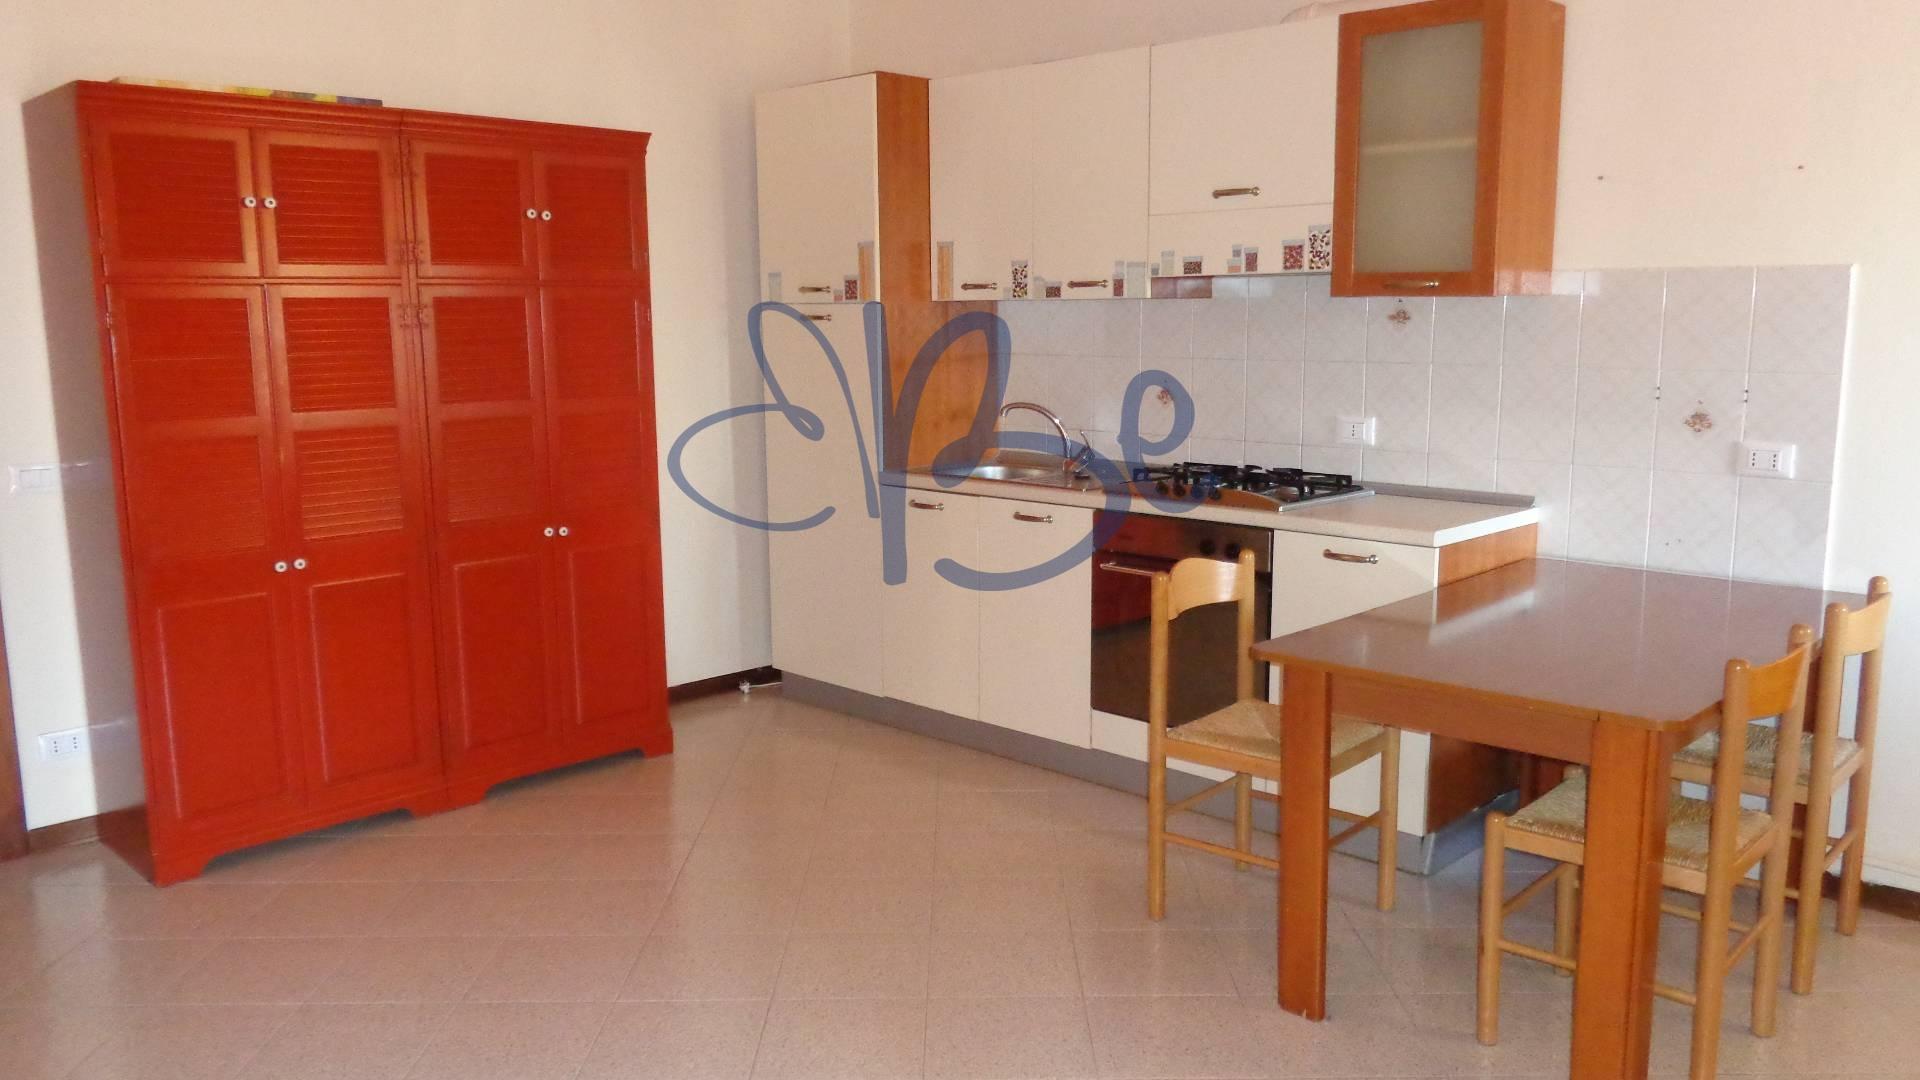 Appartamento in affitto a San Felice del Benaco, 2 locali, zona Zona: Portese, prezzo € 430 | Cambio Casa.it